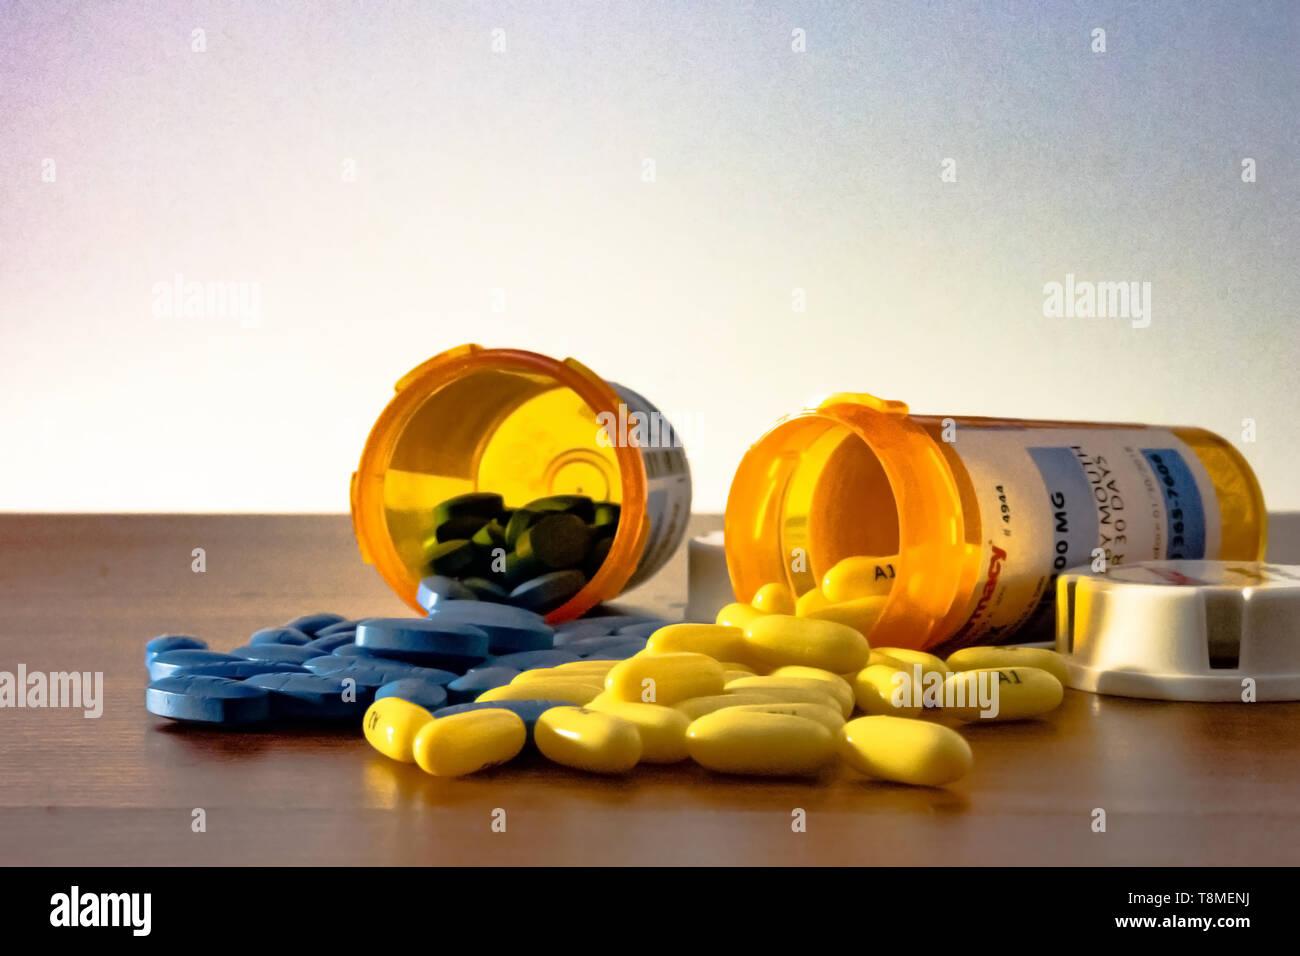 Deux bouteilles d'ordonnance annulée avec le bleu et le jaune pills spilling out sur la table avec un fond blanc, représentant de l'épidémie en Amérique p Banque D'Images